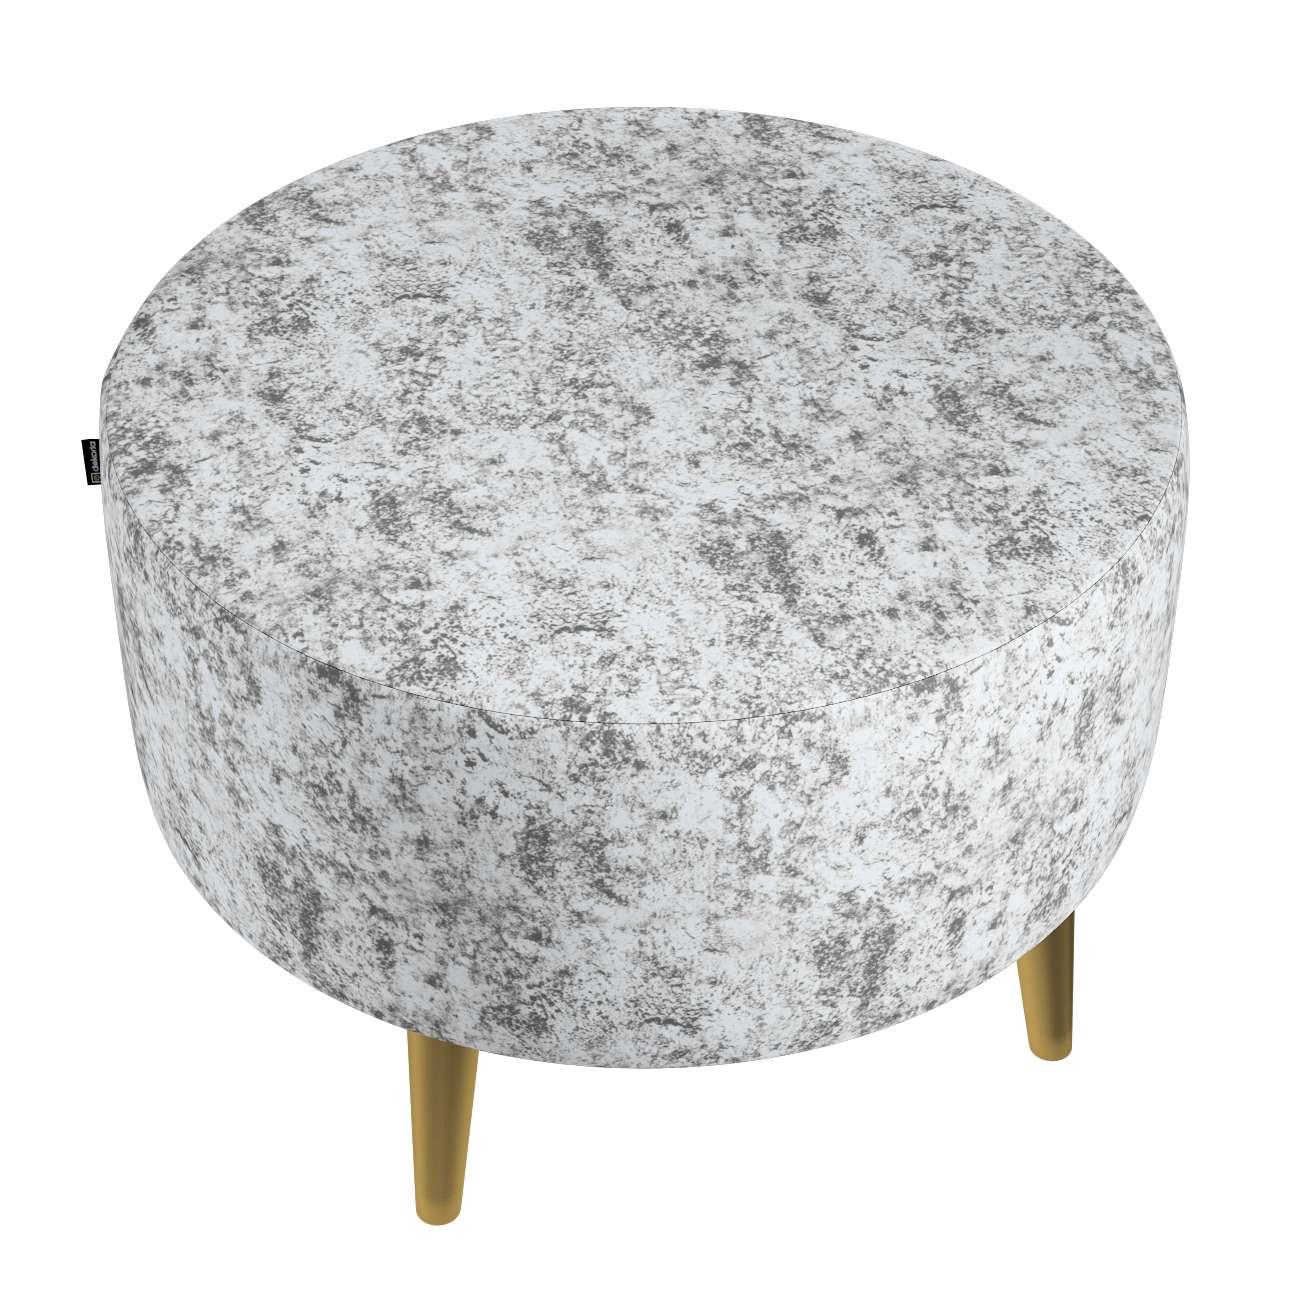 Podnóżek okrągły Velvet w kolekcji Velvet, tkanina: 704-49